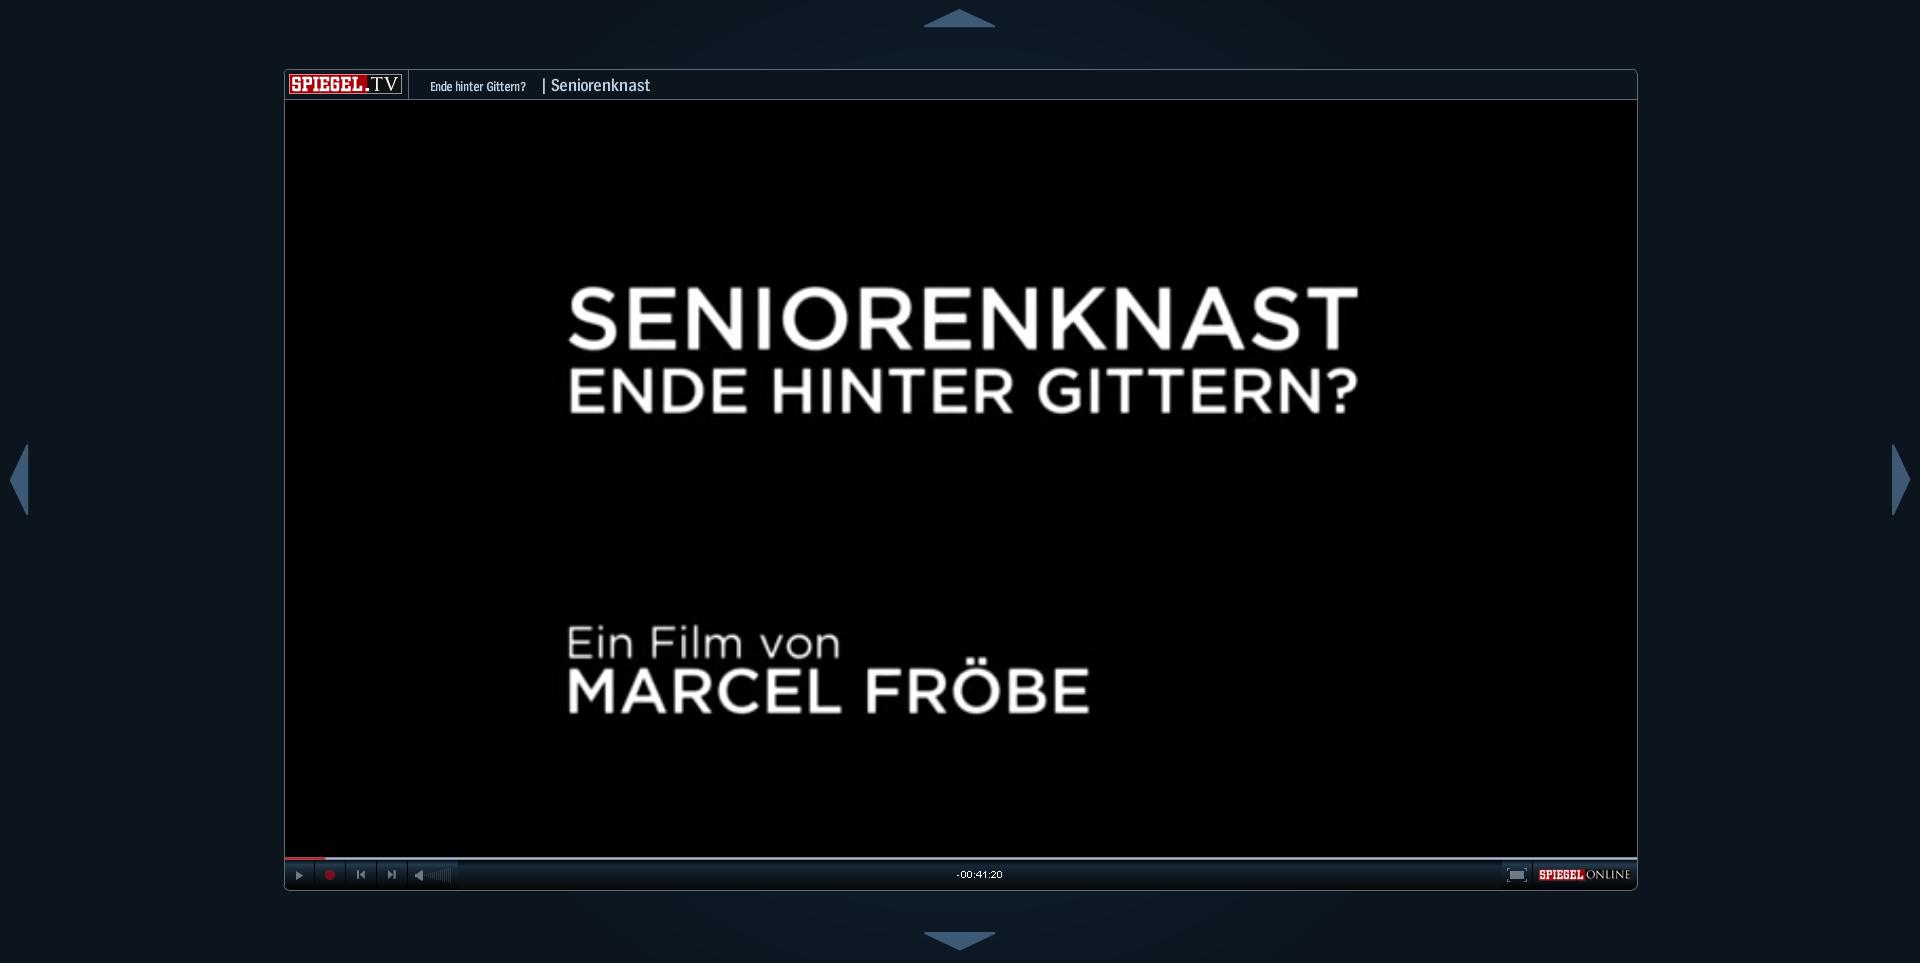 SPIEGEL.TV und SPIEGEL ONLINE - Seniorenknast: Ende hinter Gittern